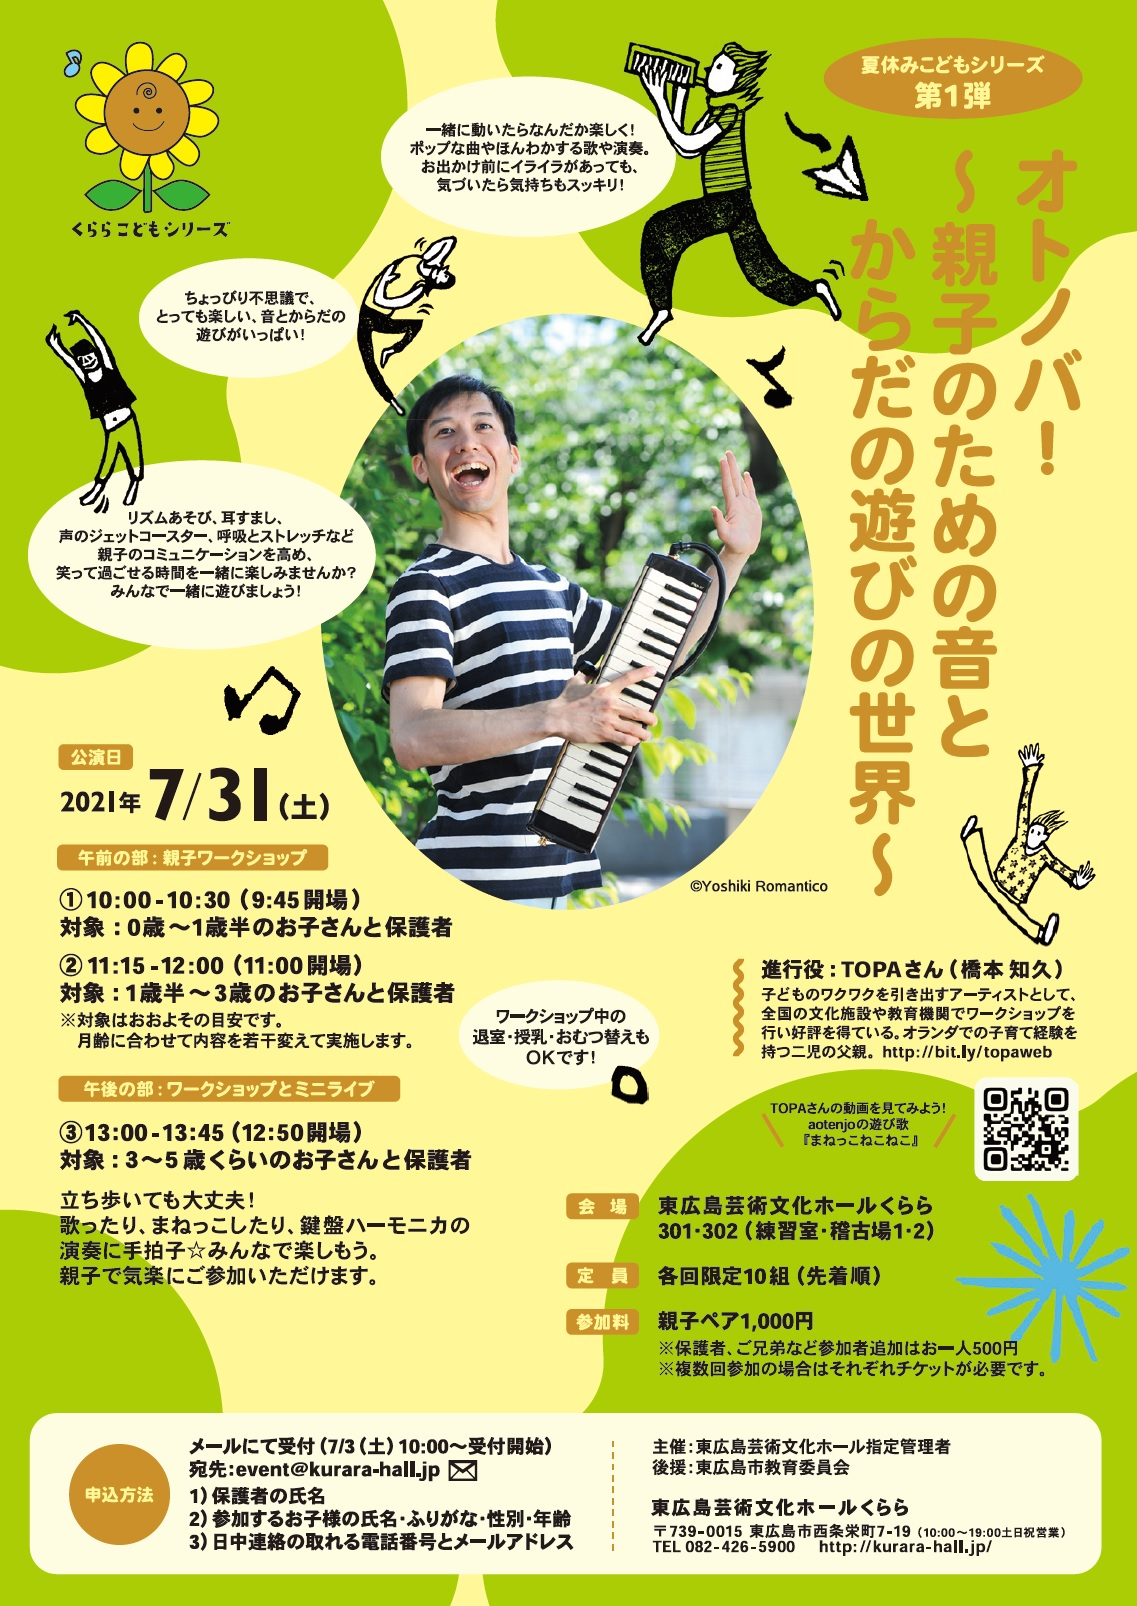 【受付終了】夏休みこどもシリーズ 第1弾「オトノバ! ~親子のための音とからだの遊びの世界~」(午後の部)